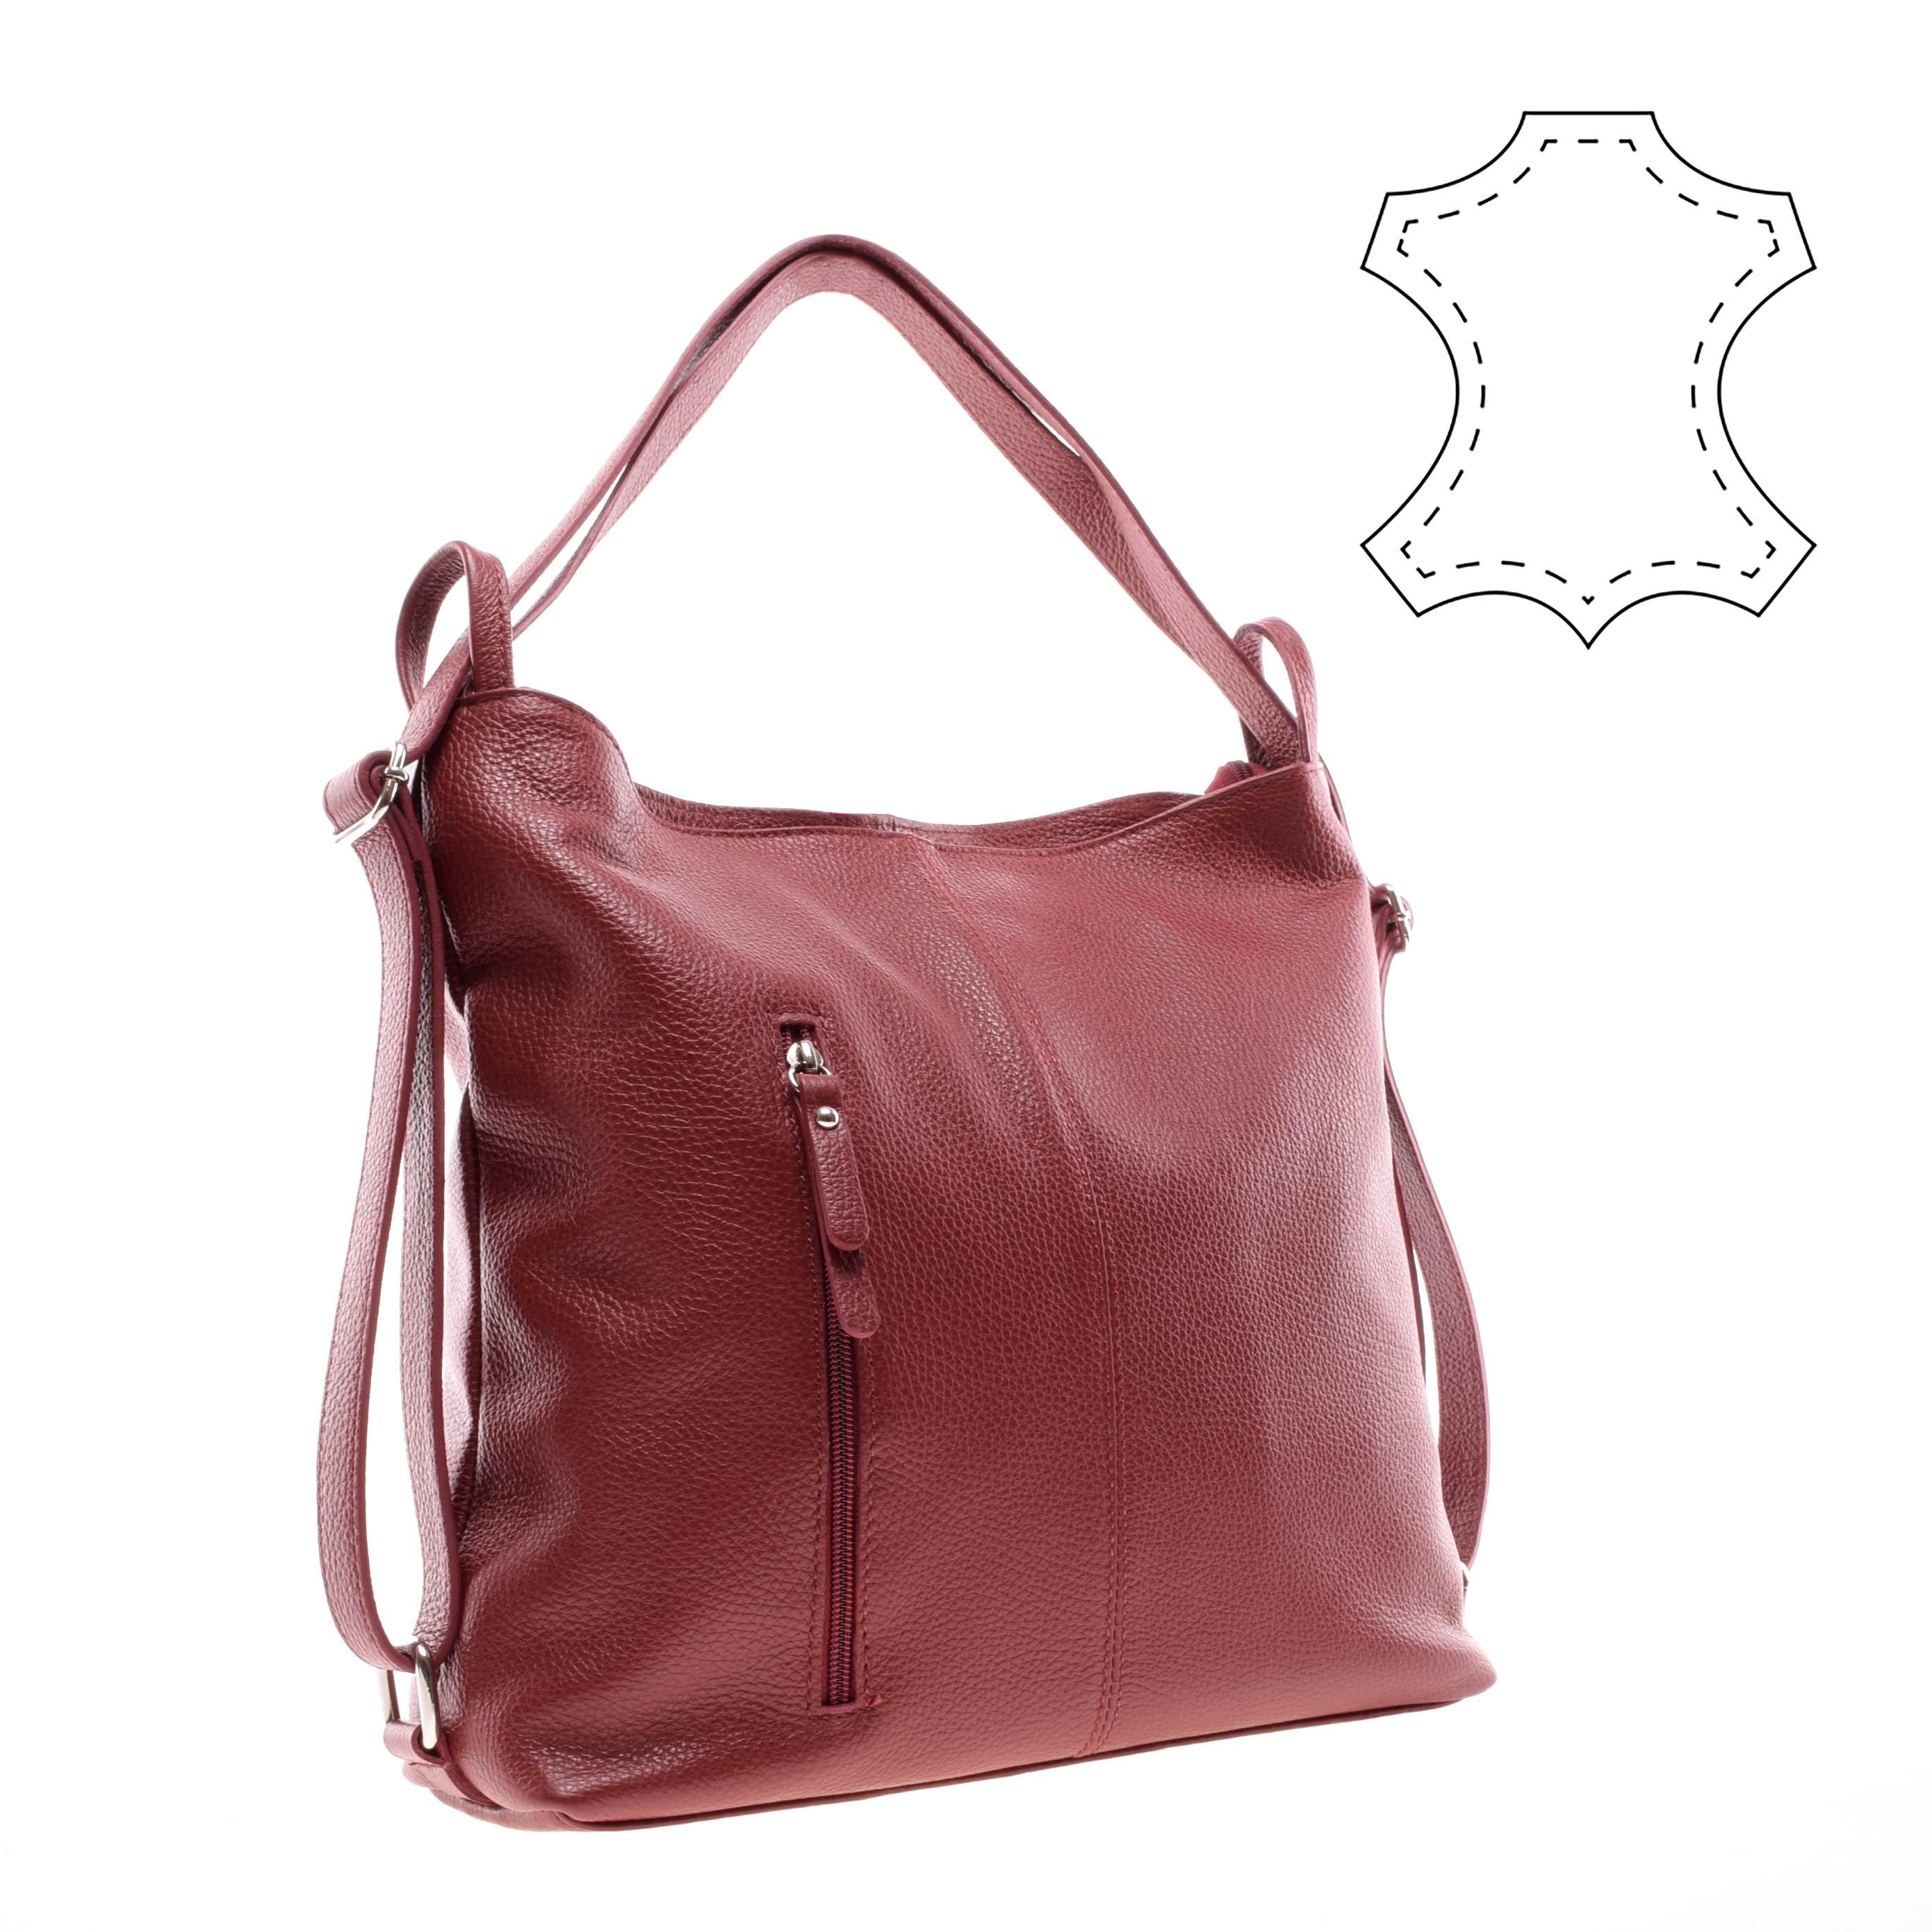 Női Bordó Bőr Átalakítható Válltáska - Válltáskák - Táska webáruház - Minőségi  táskák mindenkinek 0932ba1999